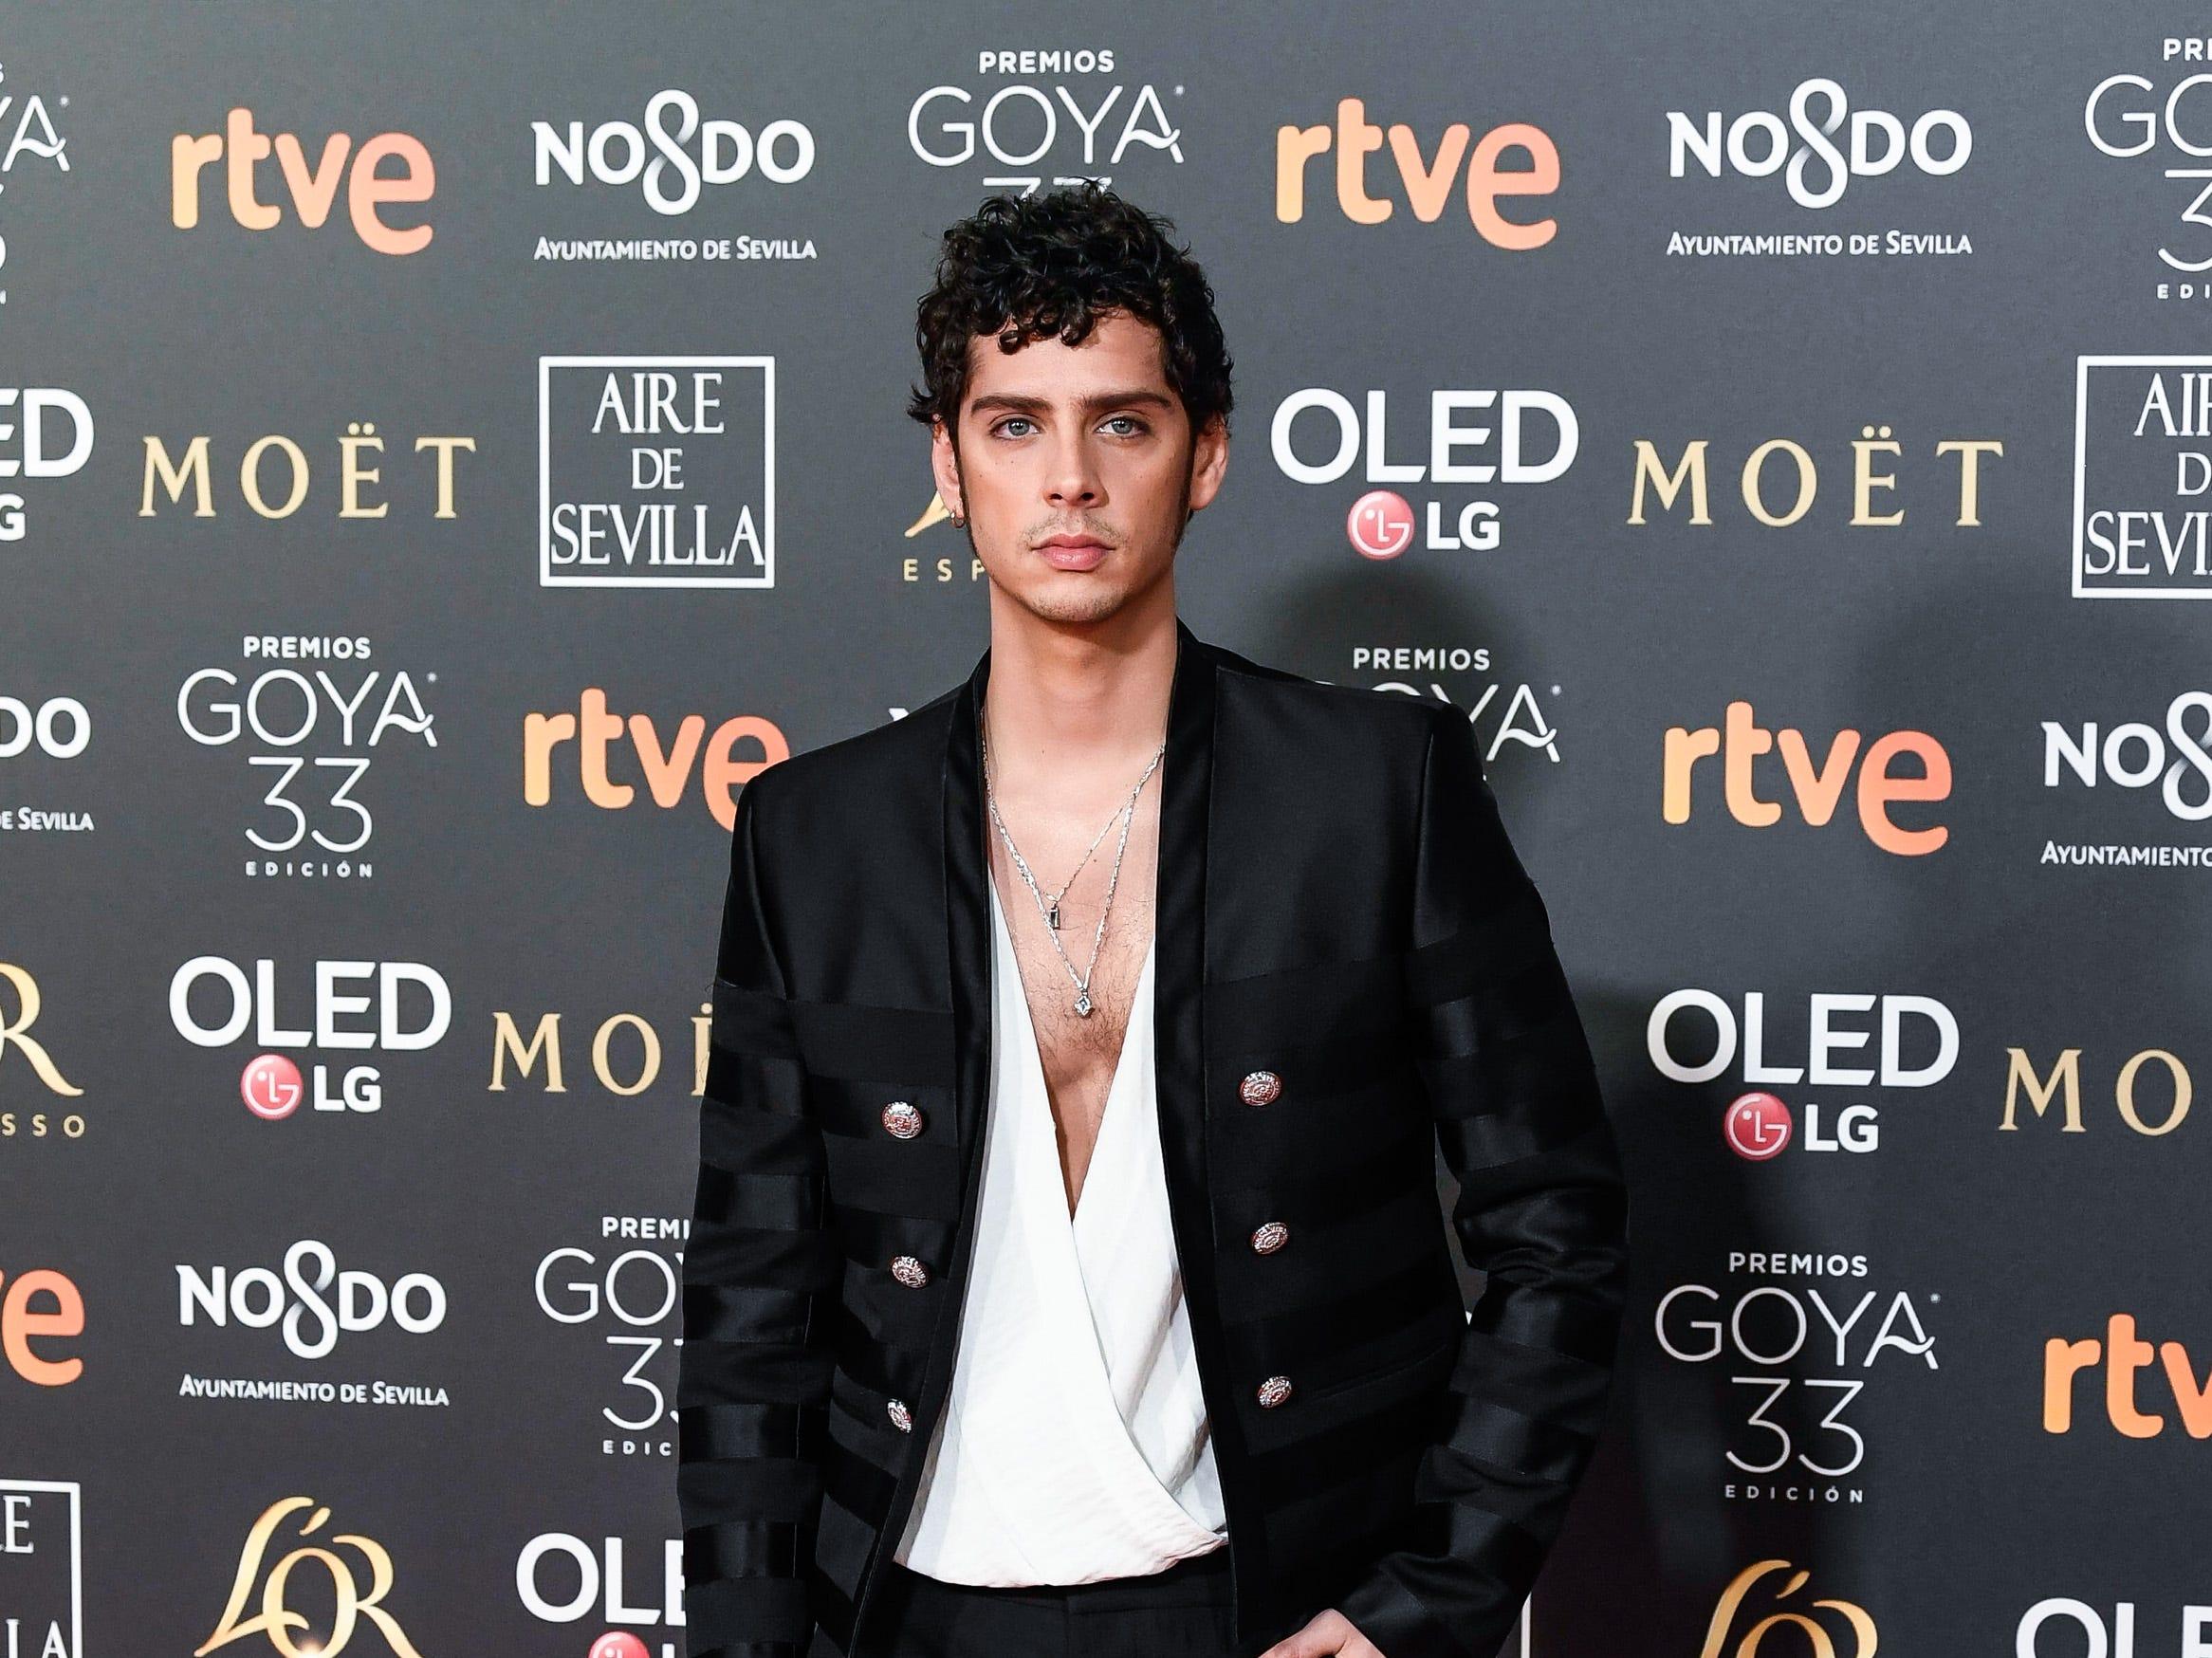 Eduardo Casanova asiste a la 33ª edición de los Premios de Cine Goya en el Palacio de Congresos y Exposiciones FIBES el 2 de febrero de 2019 en Sevilla, España.